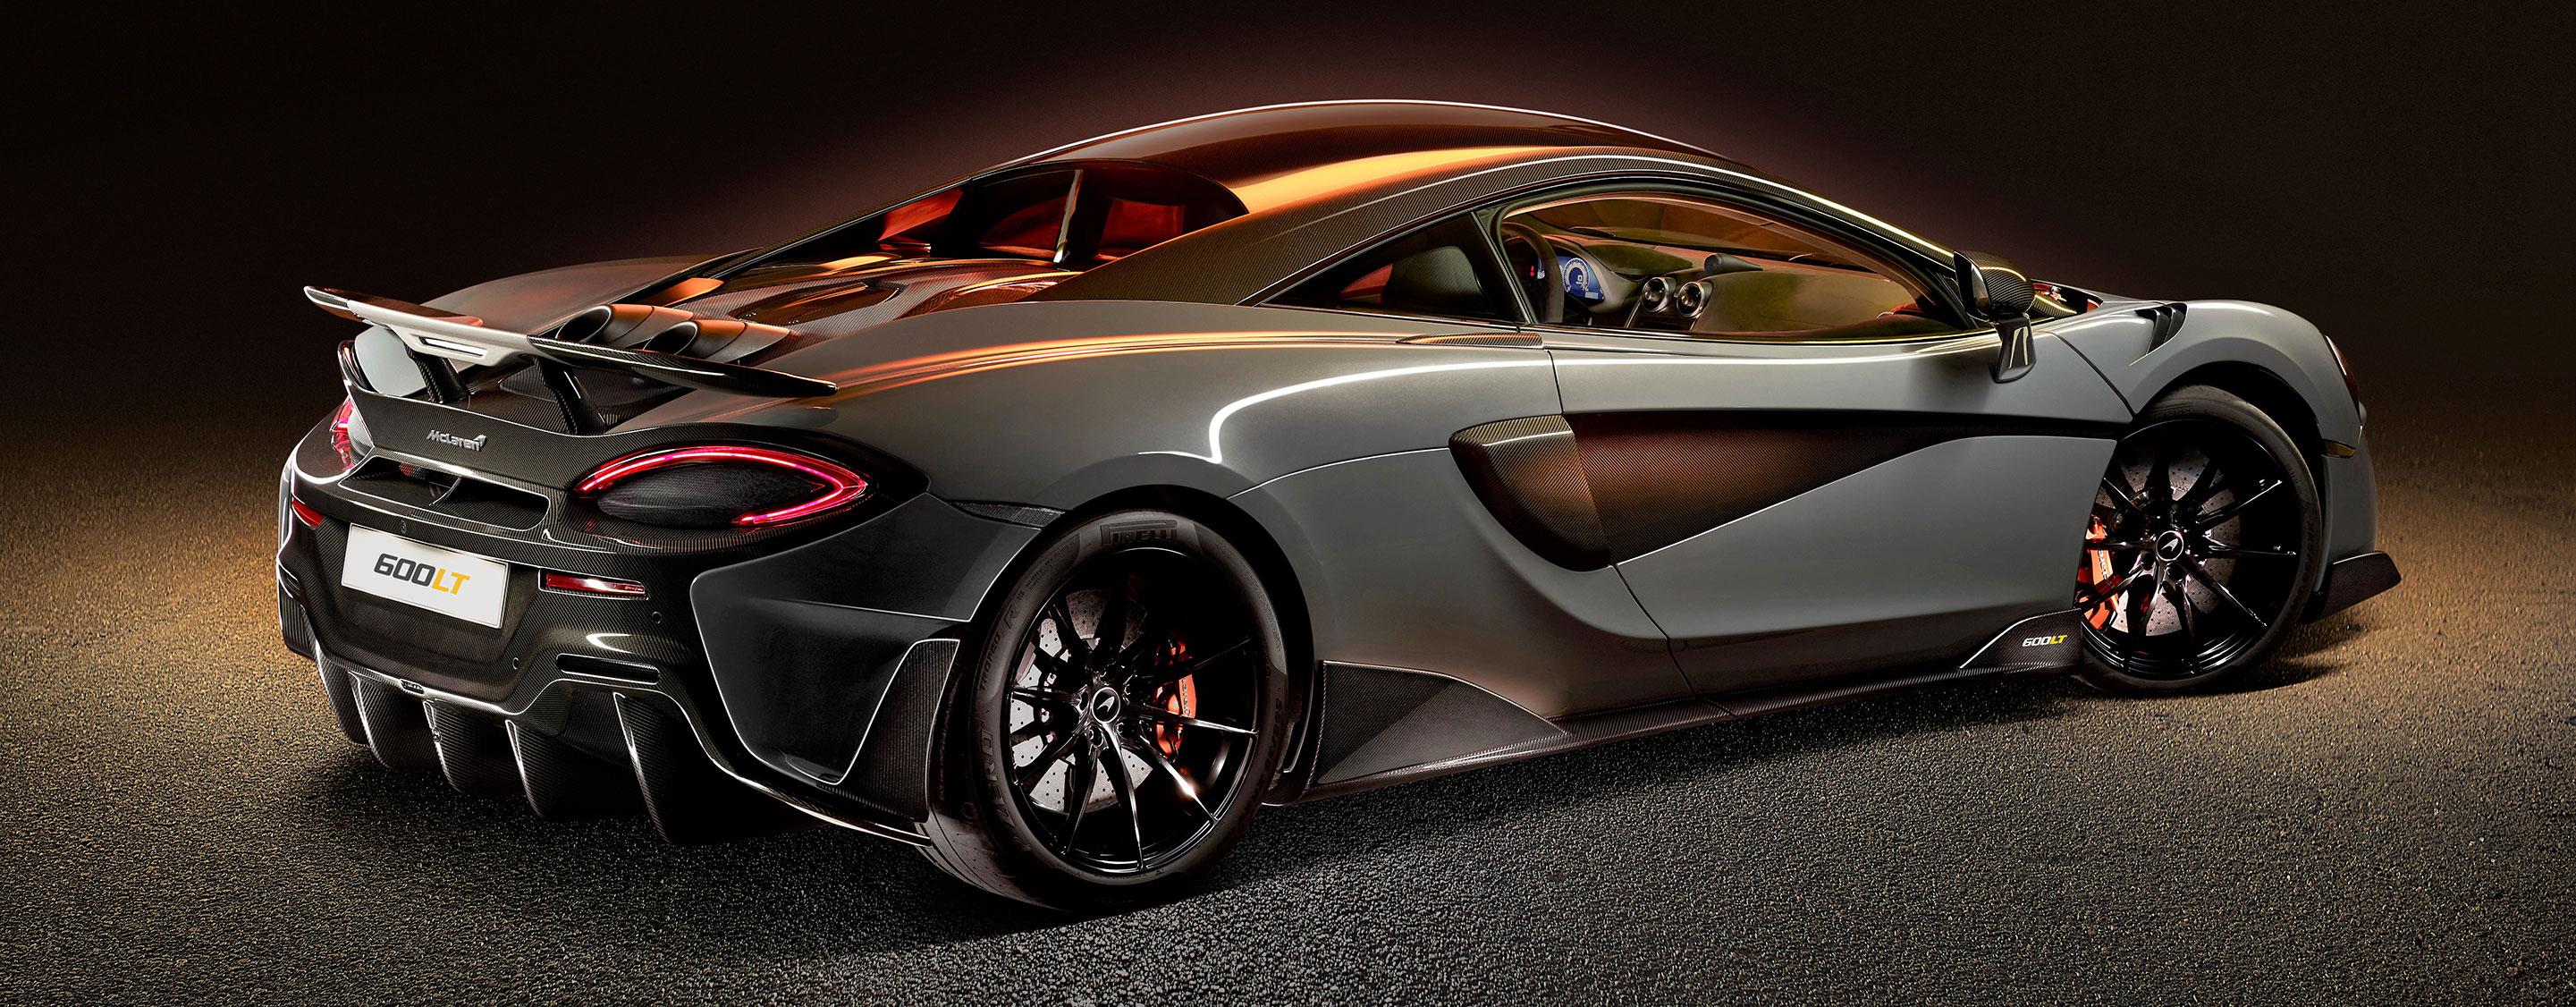 TrackWorthy - McLaren 600LT in Chicane Grey (3)